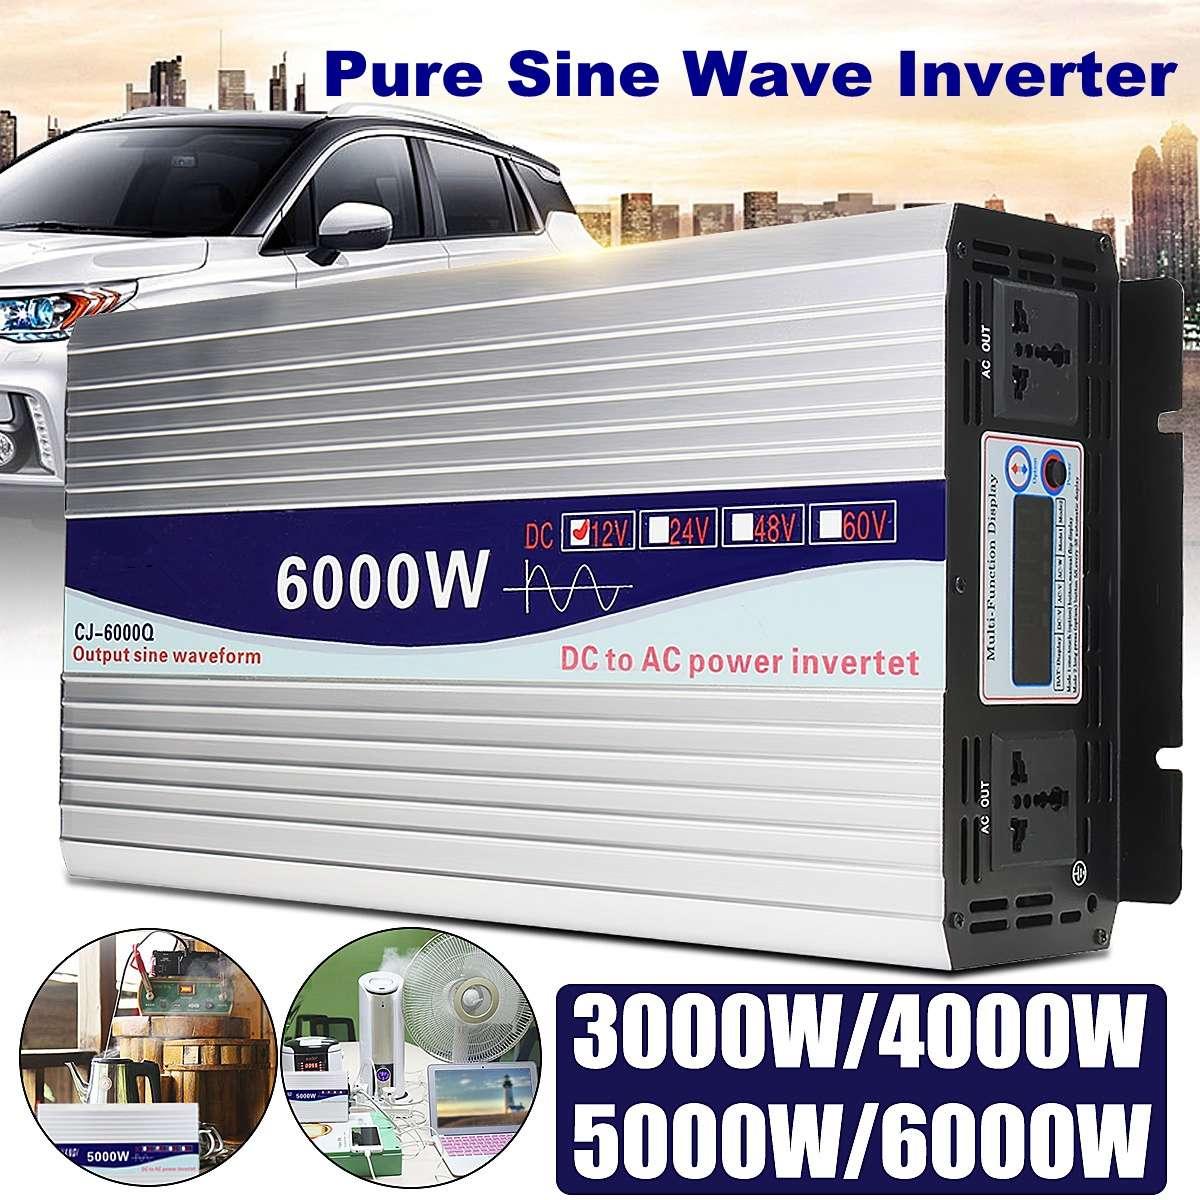 Inverter 12V/24V to AC 220V 3000/4000/5000/6000W Voltage transformer Pure Sine Wave Power Inverter Converter LED DisplayInverter 12V/24V to AC 220V 3000/4000/5000/6000W Voltage transformer Pure Sine Wave Power Inverter Converter LED Display